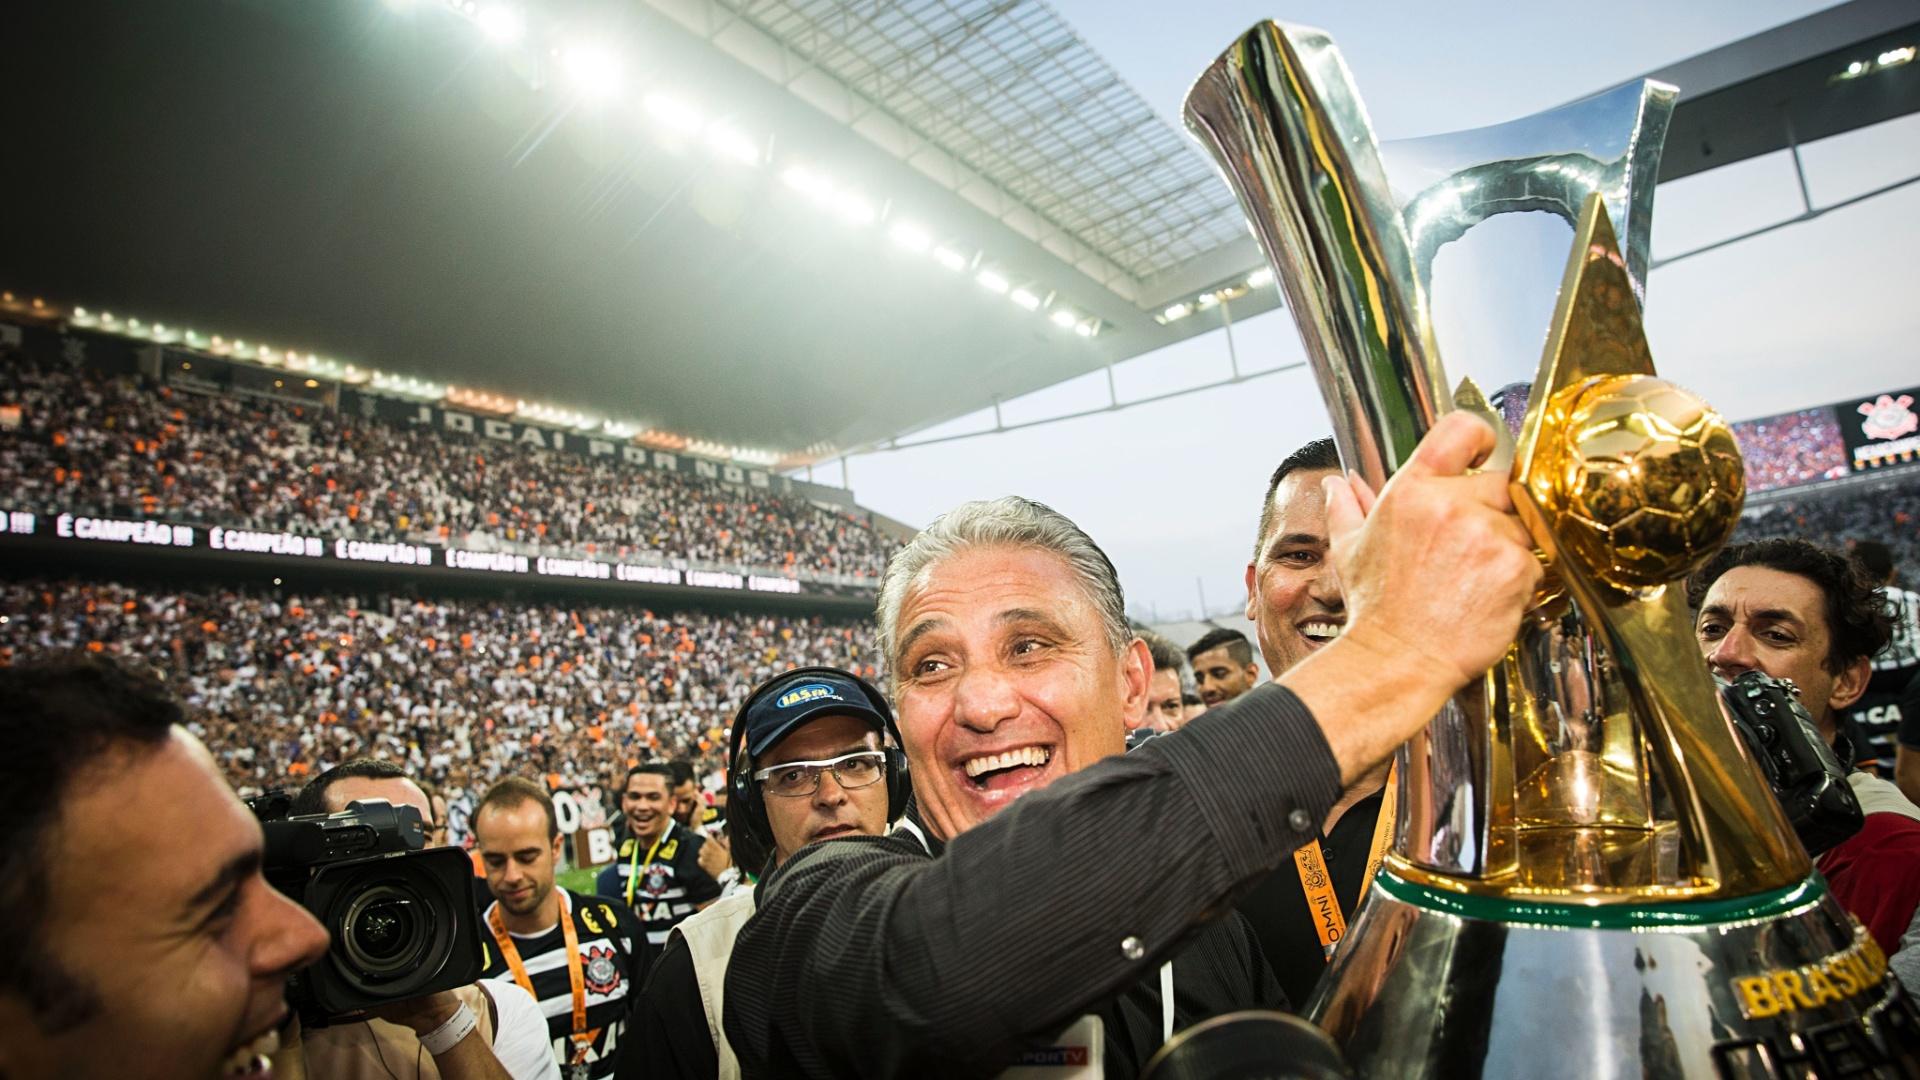 Tite levanta a taça de campeão durante festa na Arena Corinthians depois da vitória contra o São Paulo